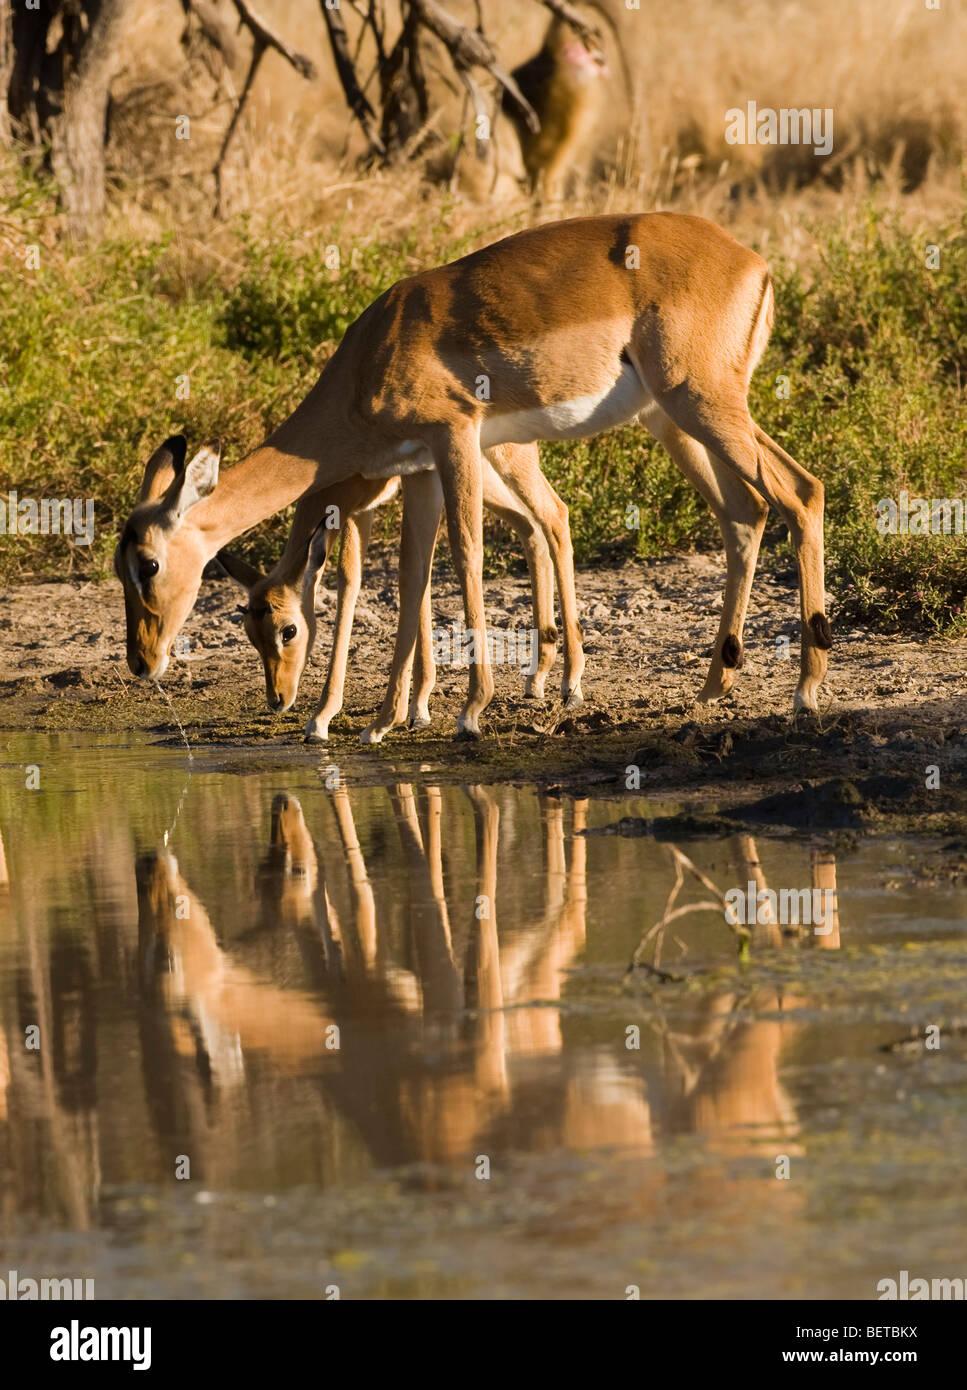 Detener la acción close-up baby & madre Impala interrumpido al beber en Waters Edge, reflejo de espejo, follaje verde fondo Okavango, Botswana, África Foto de stock